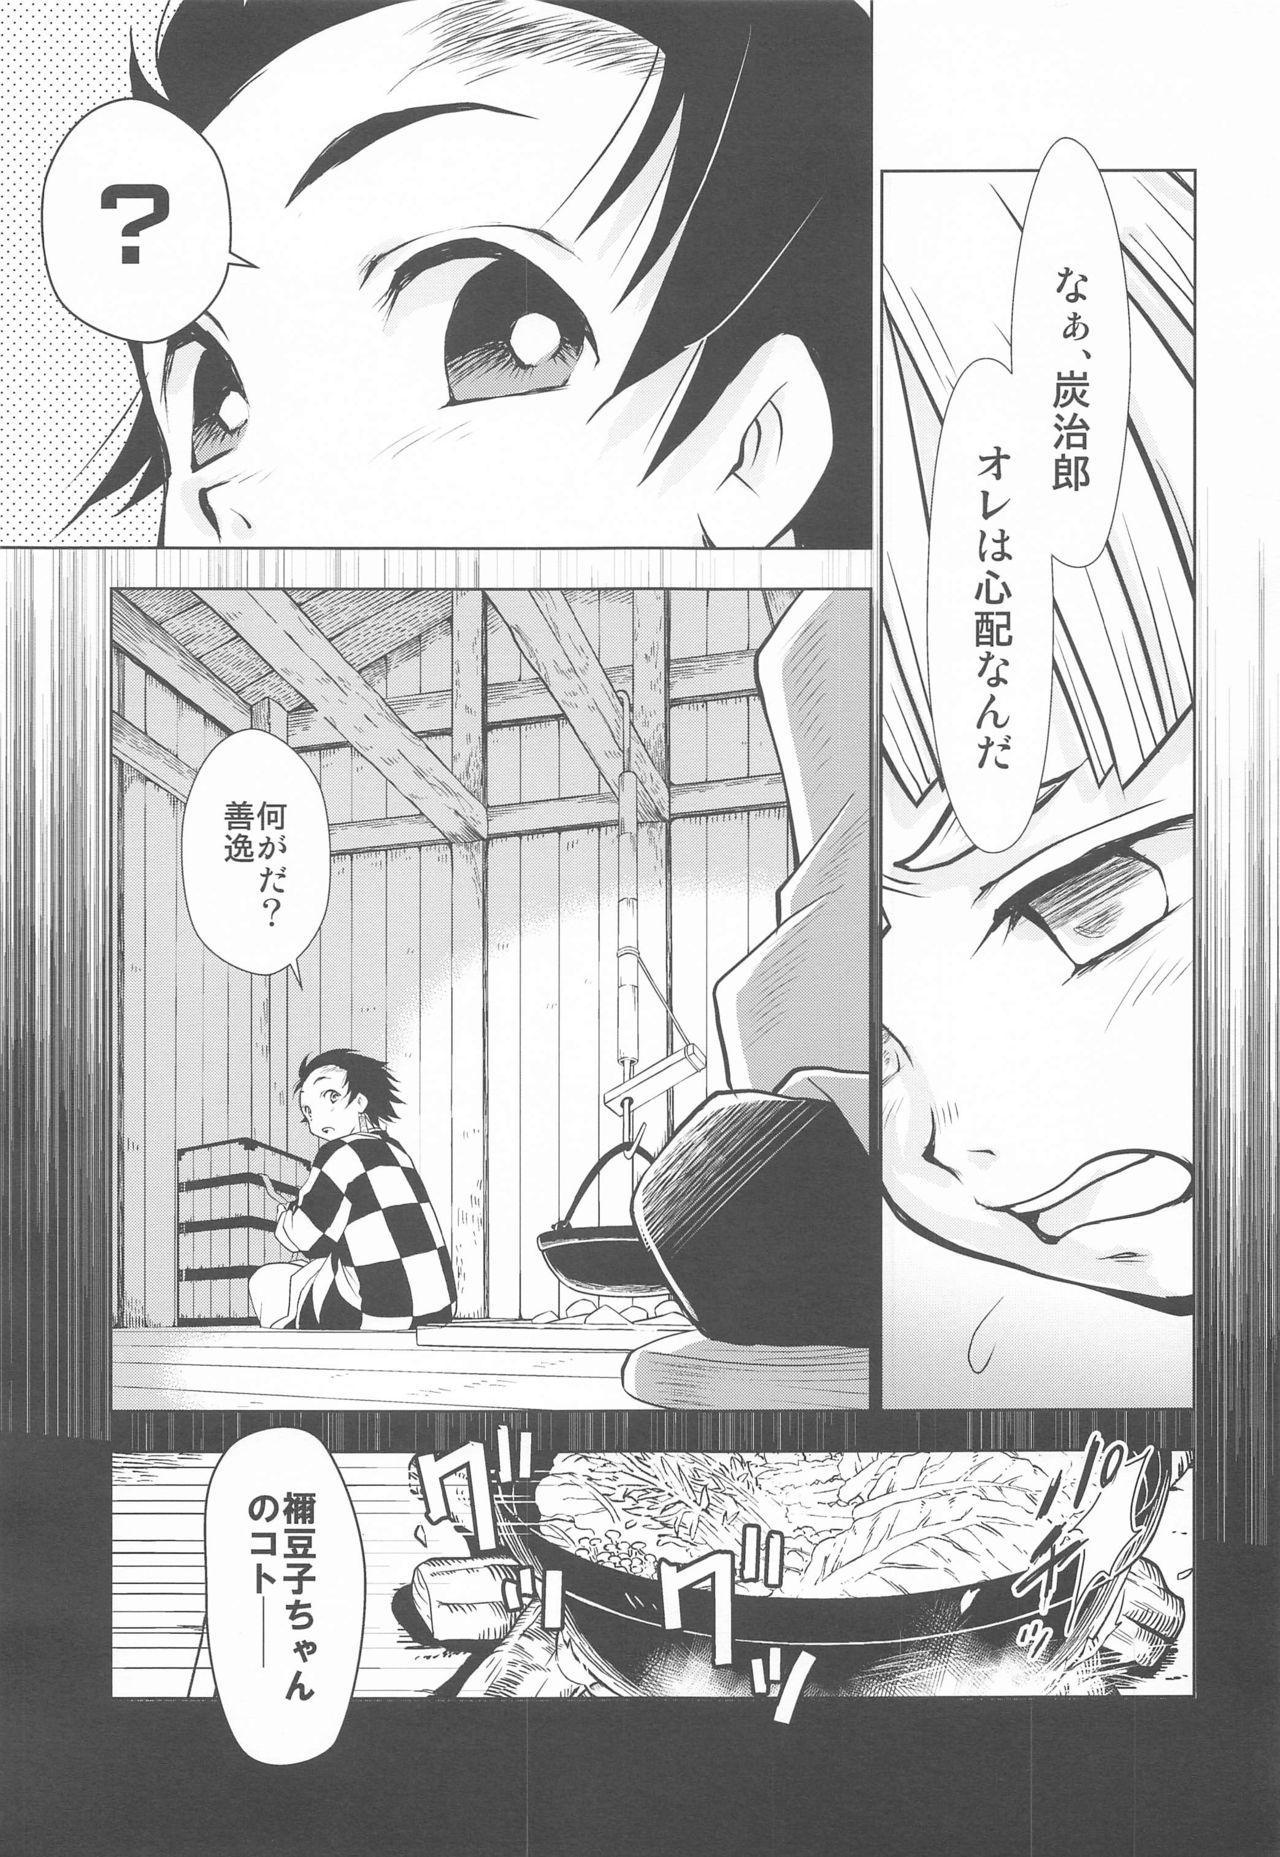 Zenitsu no Kiyuu Kimetsu no Yaiba Itan 1